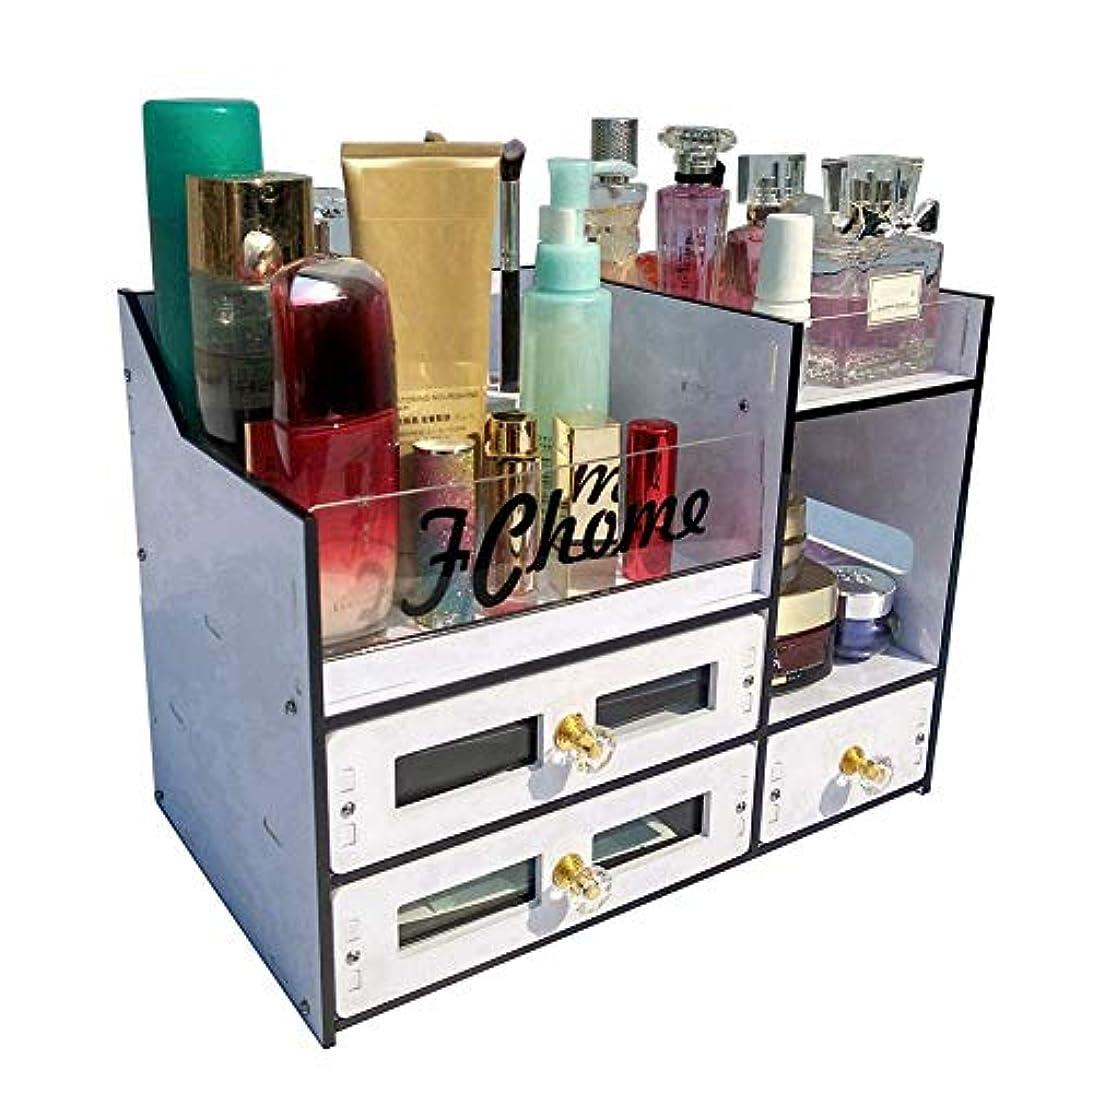 毎月やさしいスムーズにFChome化粧品収納ボックス引き出しアクリルPVCジュエリー化粧品収納ラック大容量化粧収納ボックスセット、黒